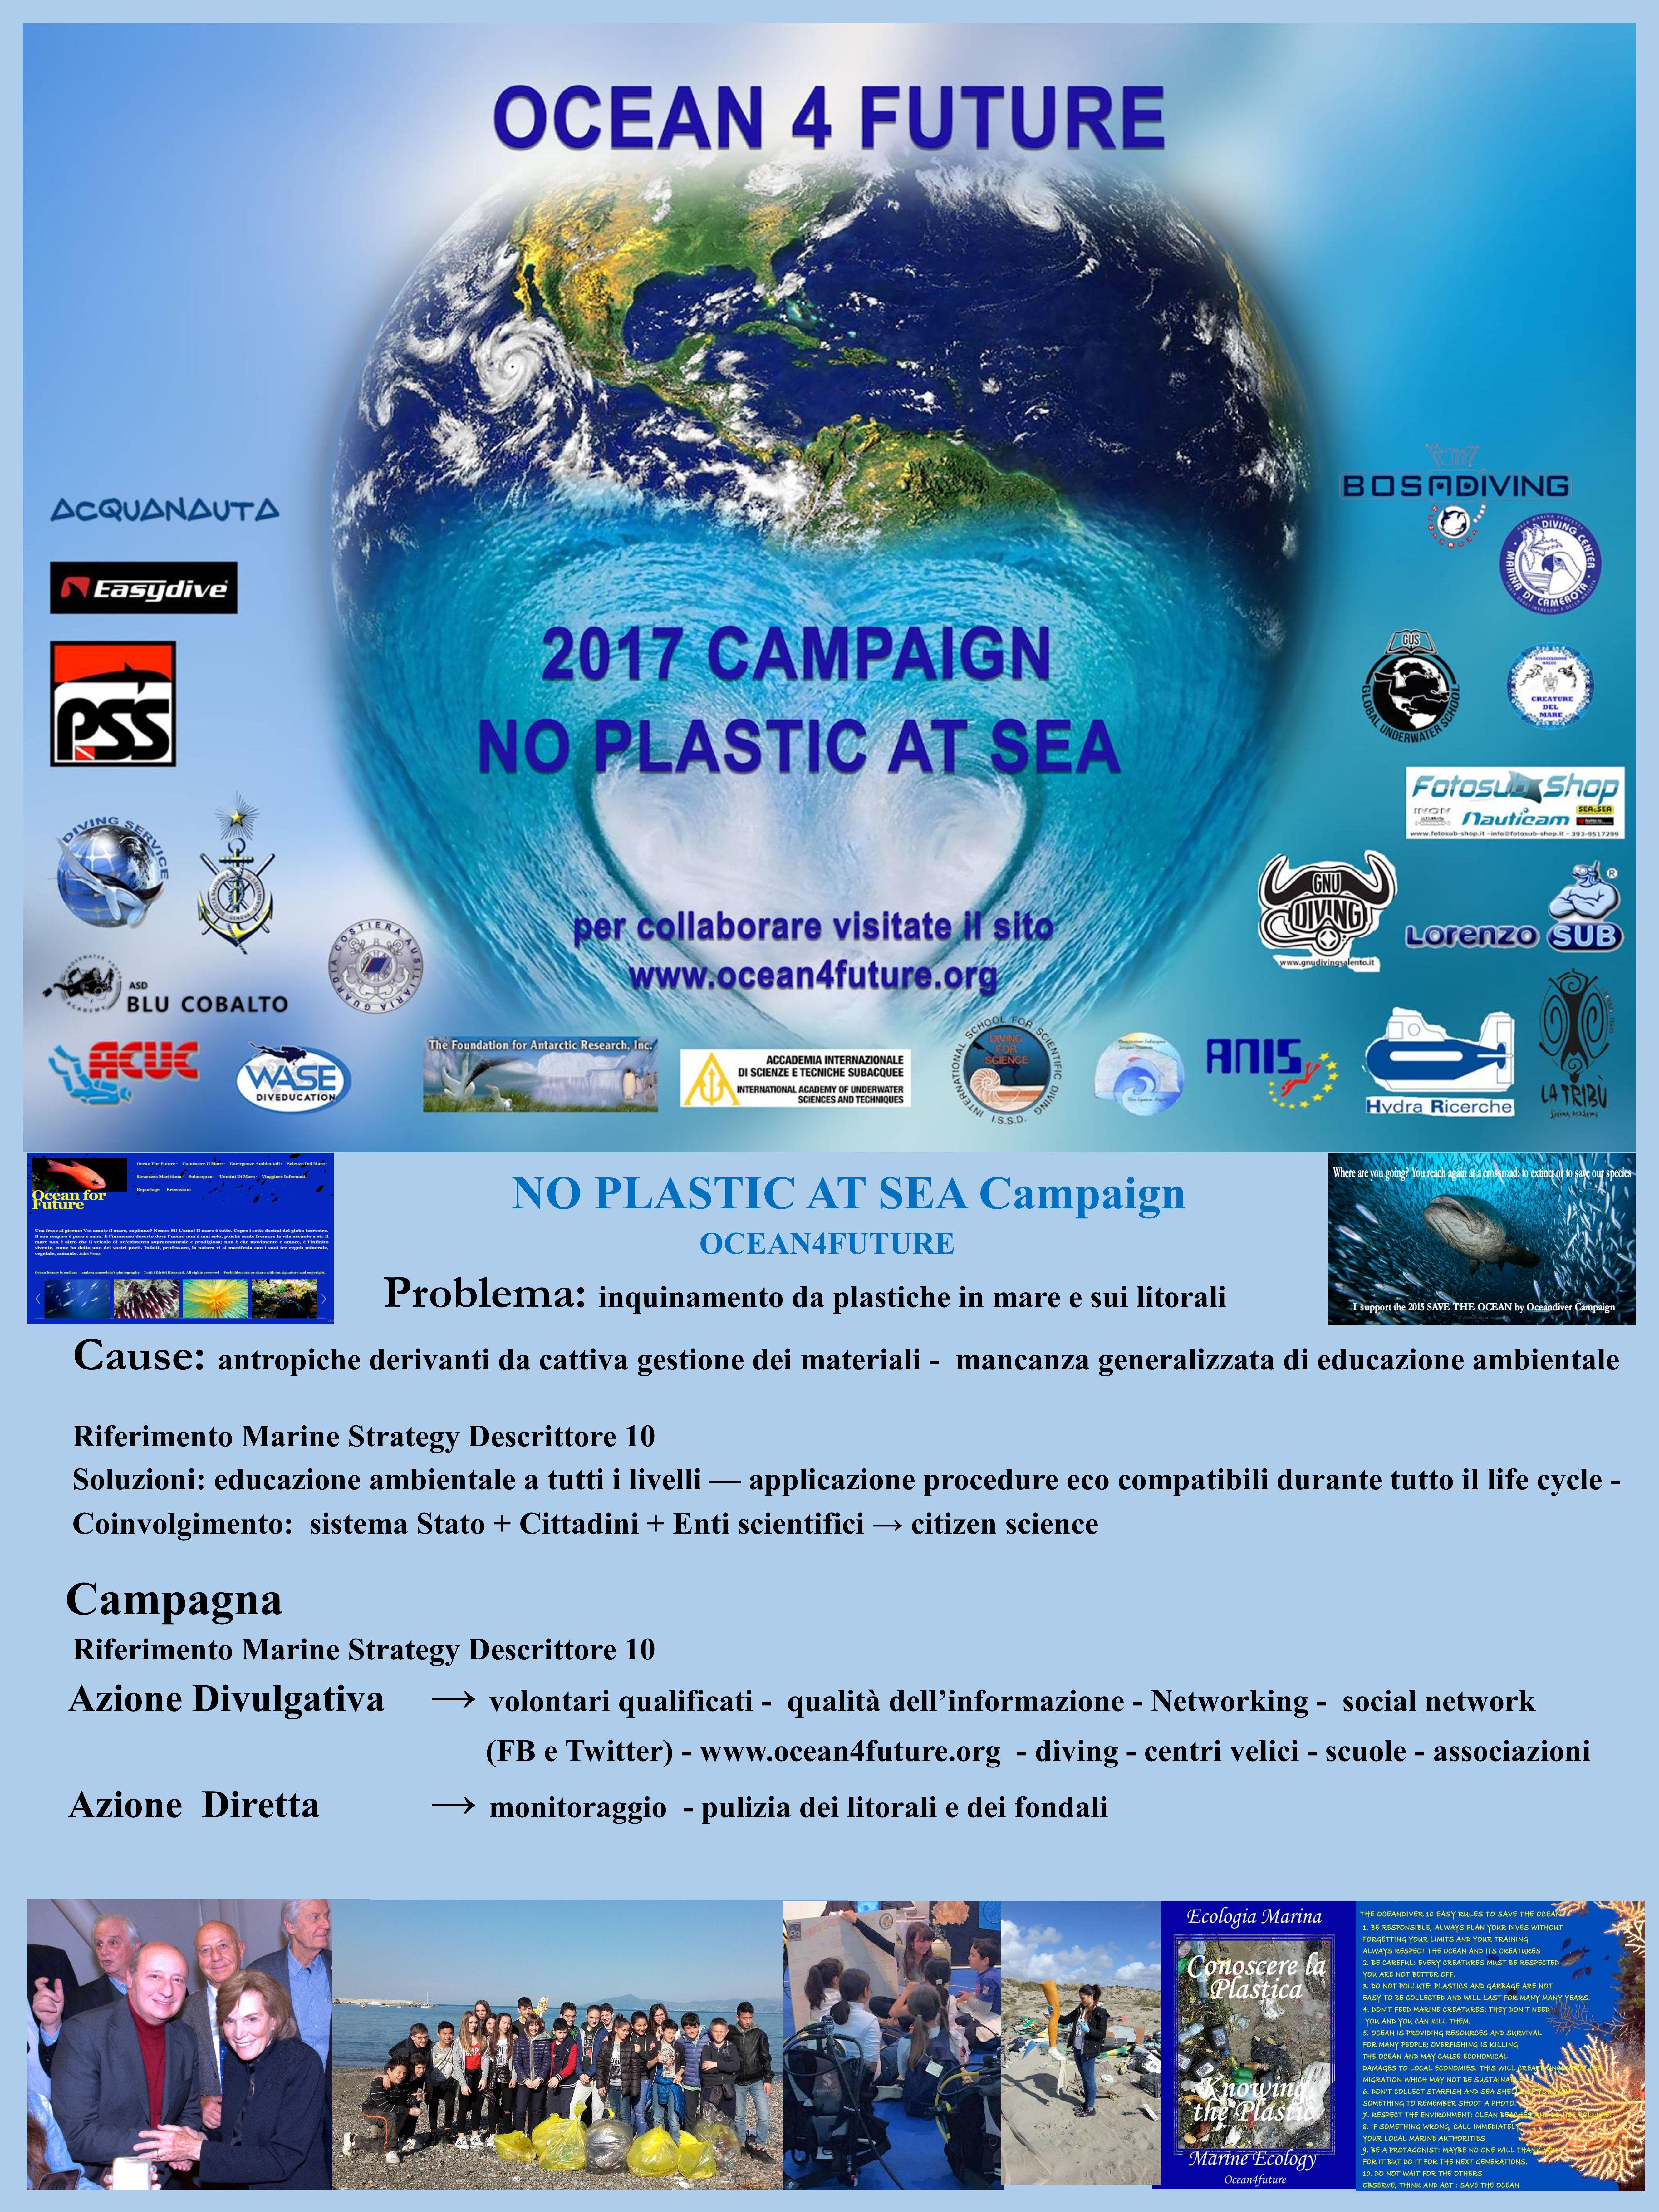 Educare per assicurare un futuro alle nuove generazioni - campagna NO PLASTIC AT SEA di OCEAN4FUTURE per la lotta alle plastiche in mare